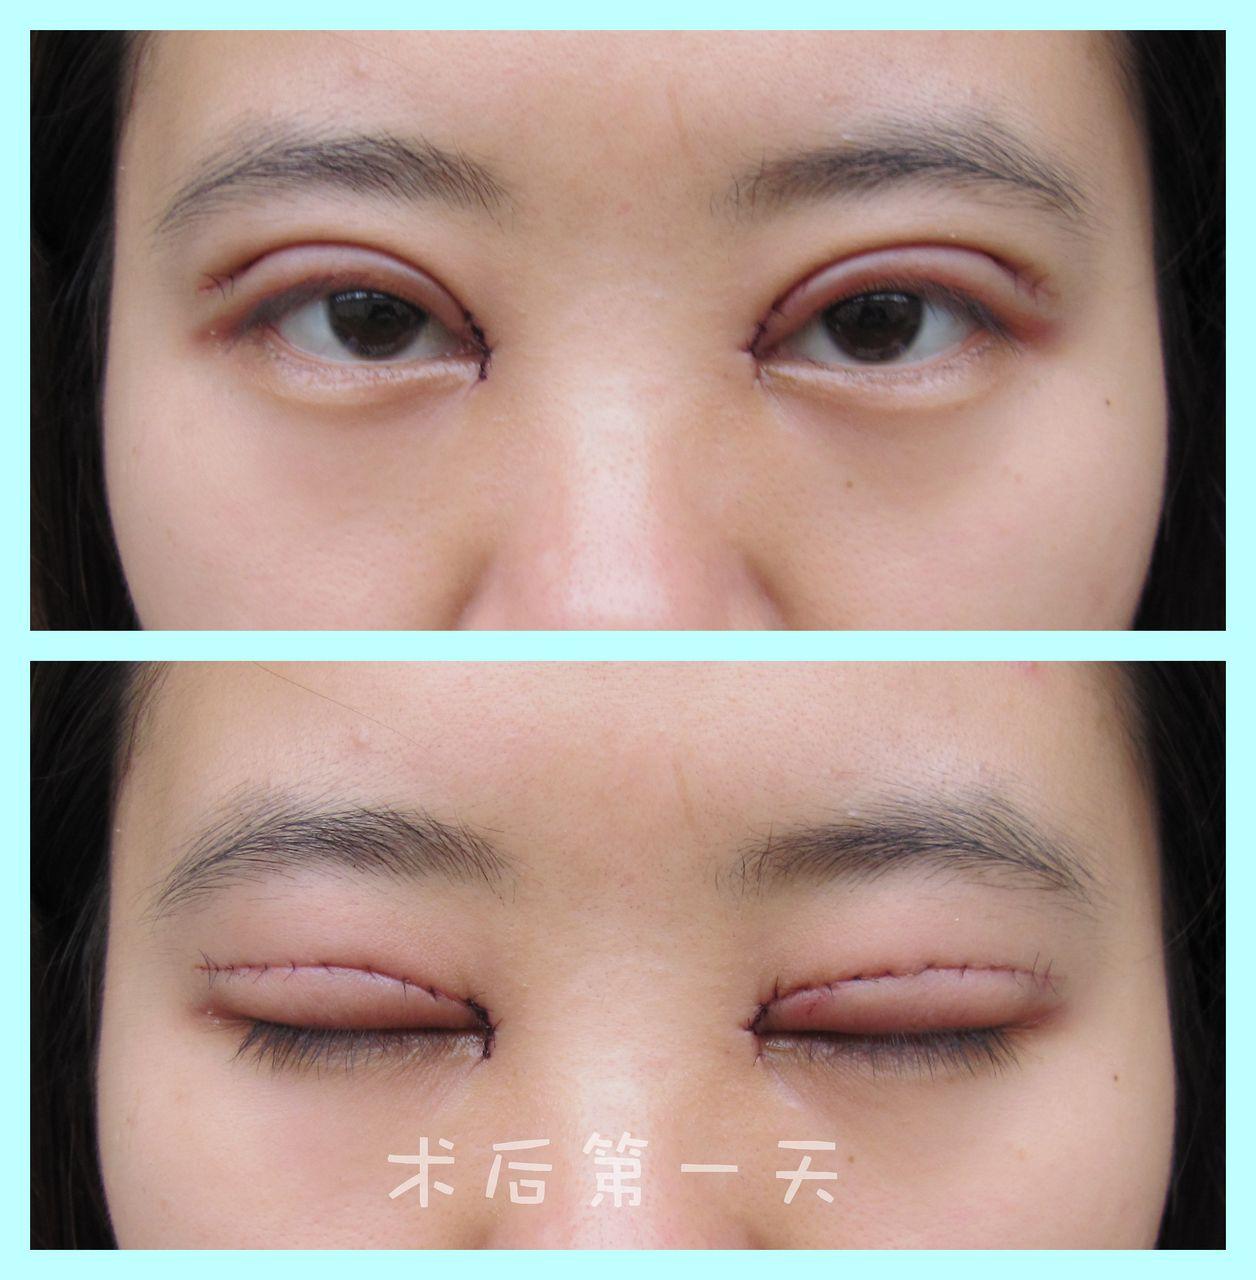 无痕开眼角手术图解